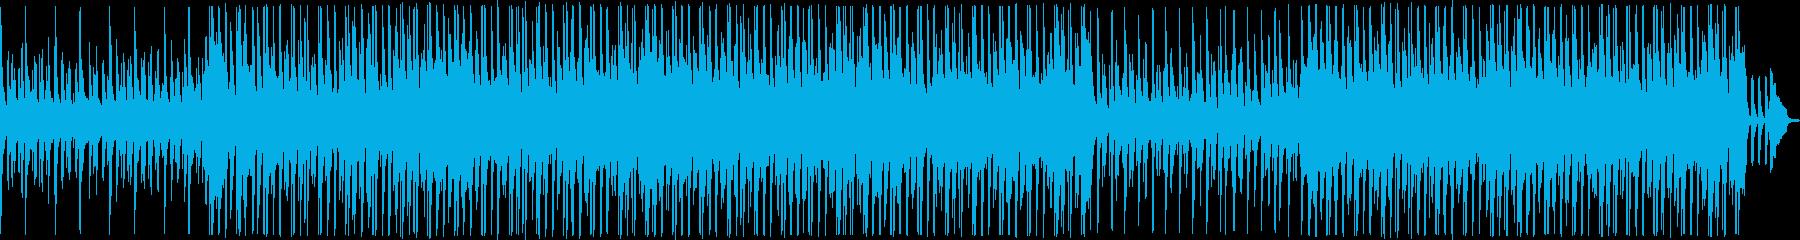 【メロディ抜き】口笛の軽快なアコーステ…の再生済みの波形